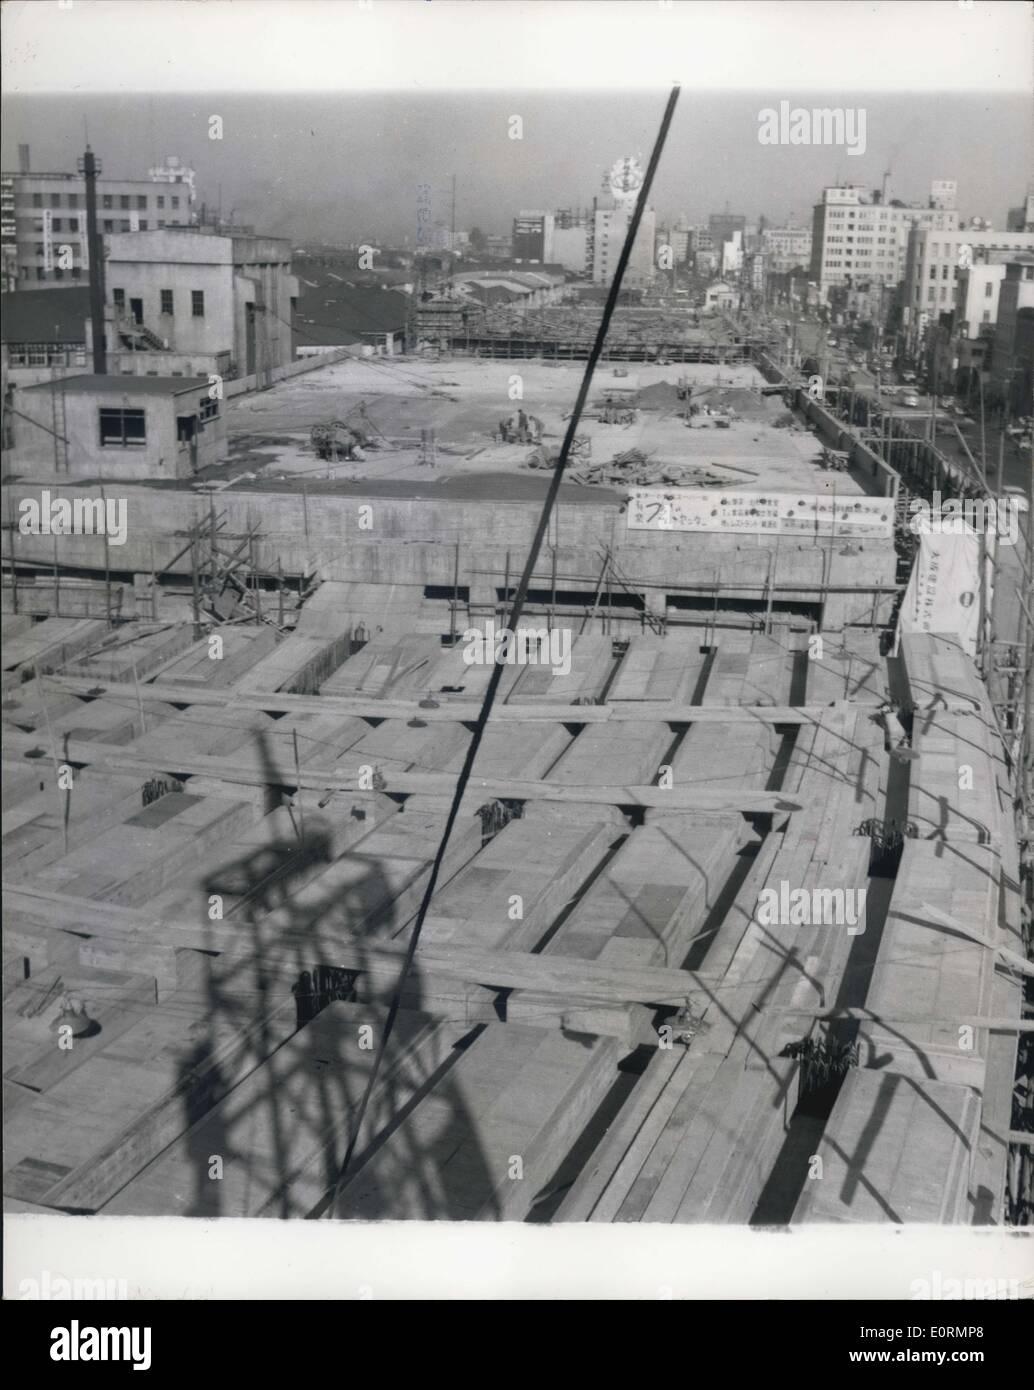 01 janvier, 1960 - Un des derniers articles à compléter. Le toit de l'immeuble s'étend dans un près de ligne droite servira de route rapide d'un quartier animé de la ville. Le bâtiment le plus long du monde est presque terminée à Tokyo: Les trois quarts de mille de route sur son toit permet d'atténuer les problèmes de circulation: pour un coût de plus de deux millions de livres, le plus long immeuble de bureaux dans le monde est en voie d'achèvement à Tokyo. De bout en bout, la construction s'étendra de trois quarts de mille Photo Stock